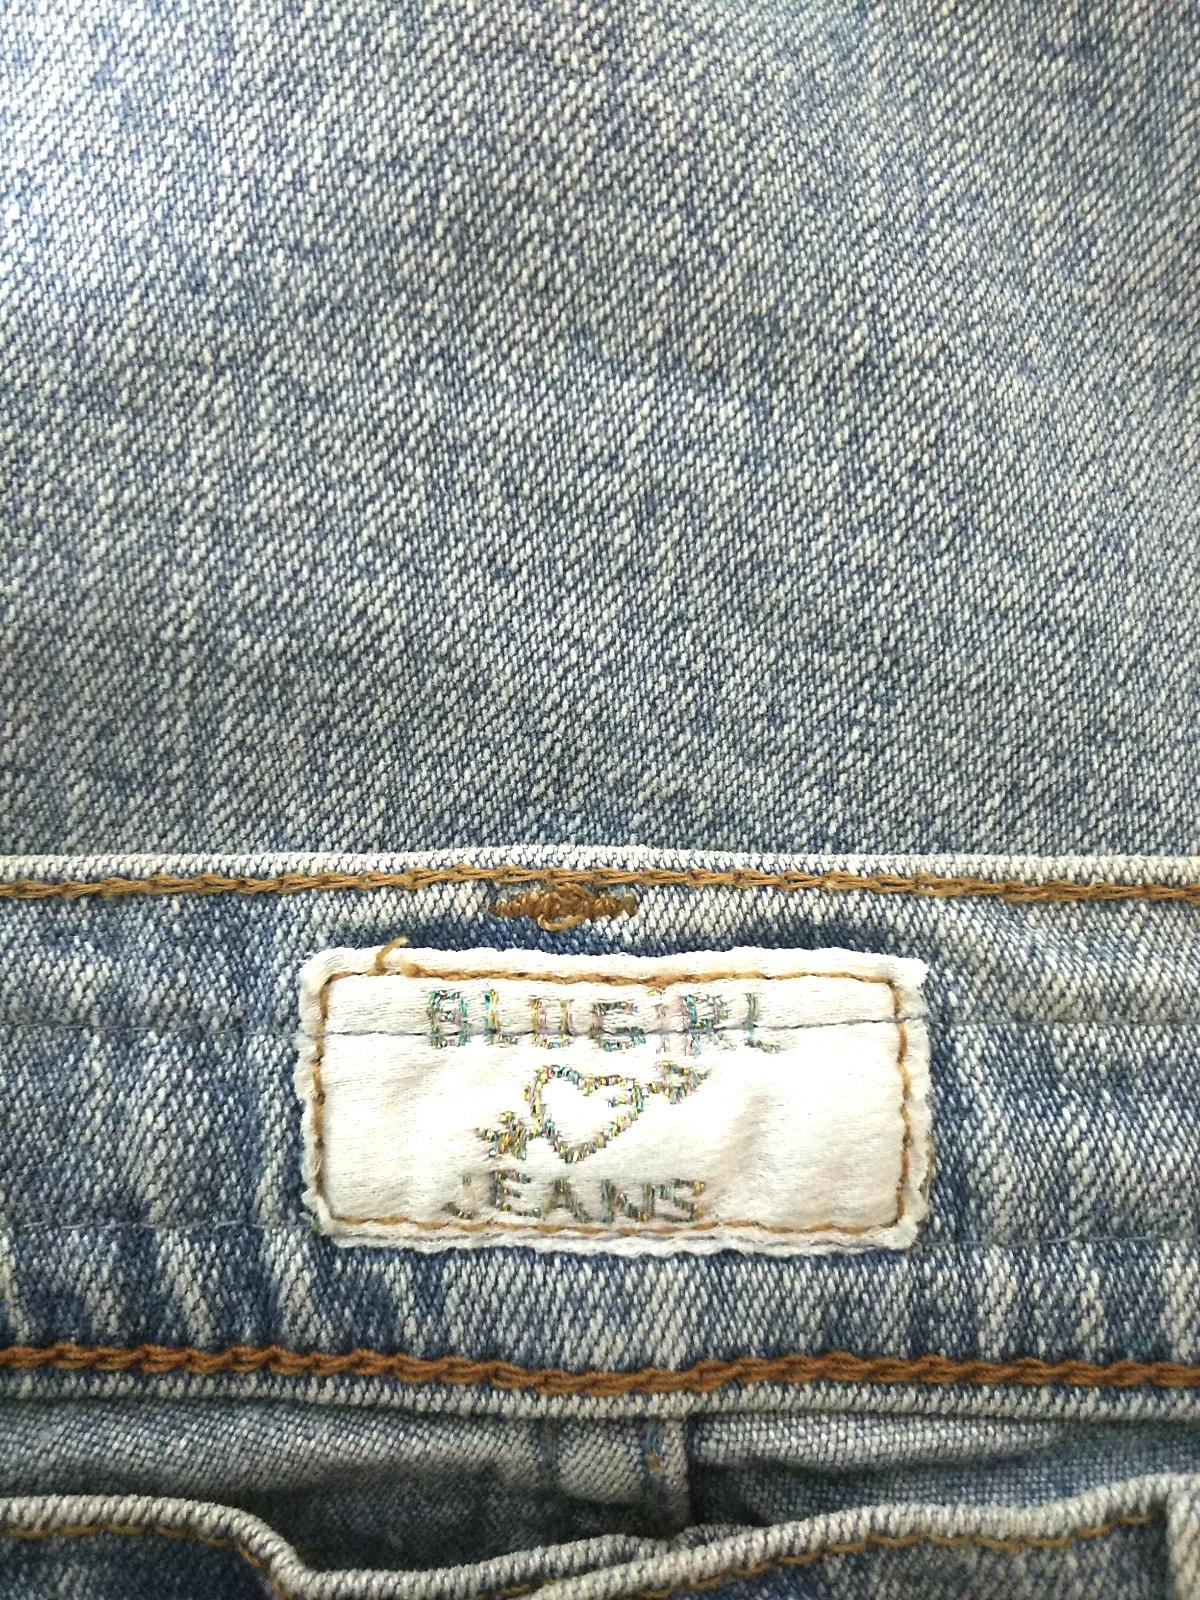 BLUGiRL JEANS(ブルーガール)のジーンズ